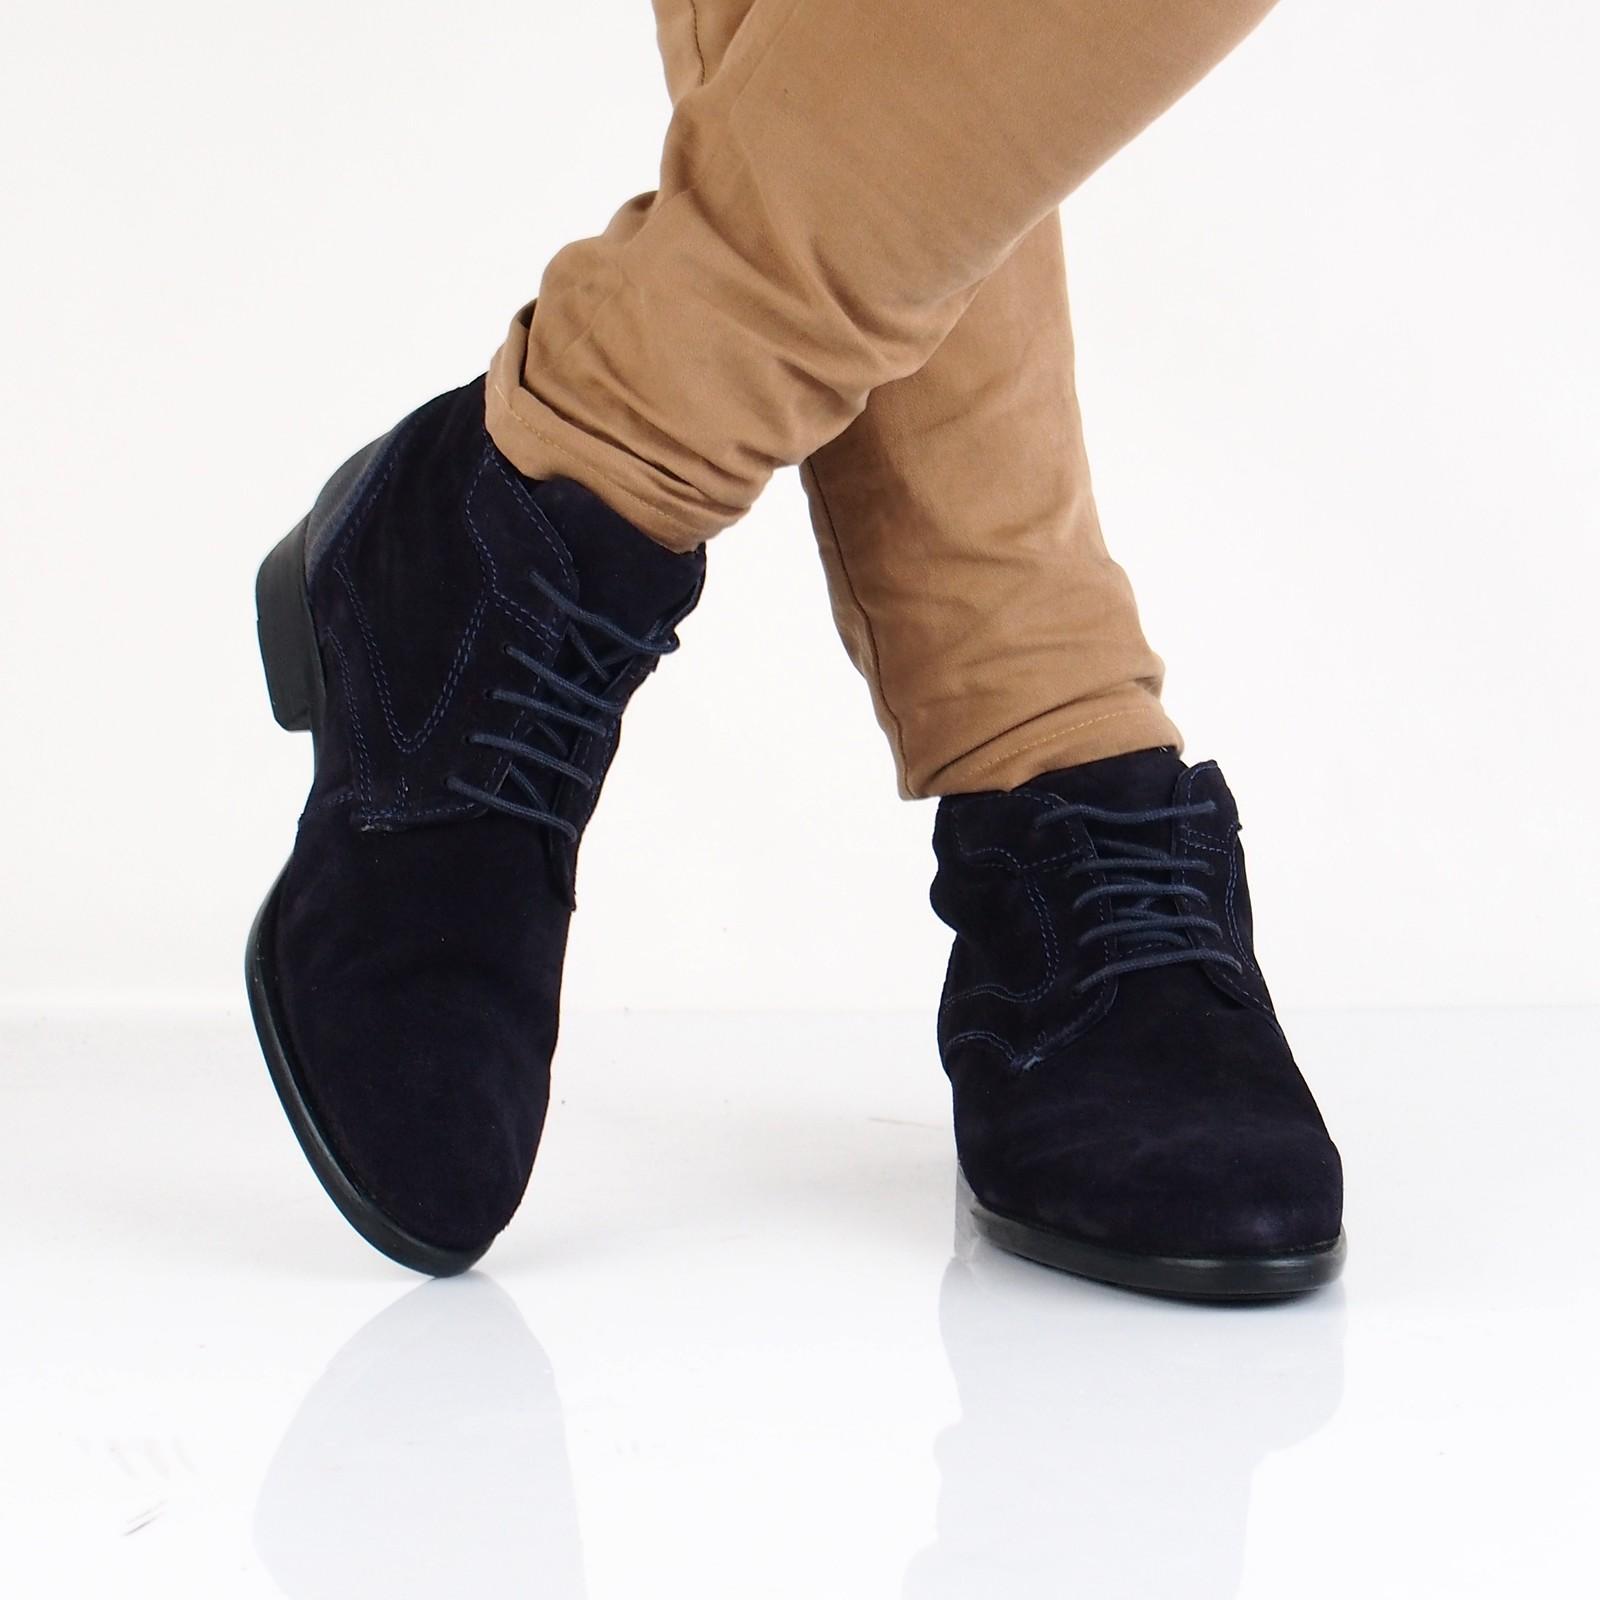 bfdd84059a70 Robel pánska semišová členková obuv - tmavomodrá ...